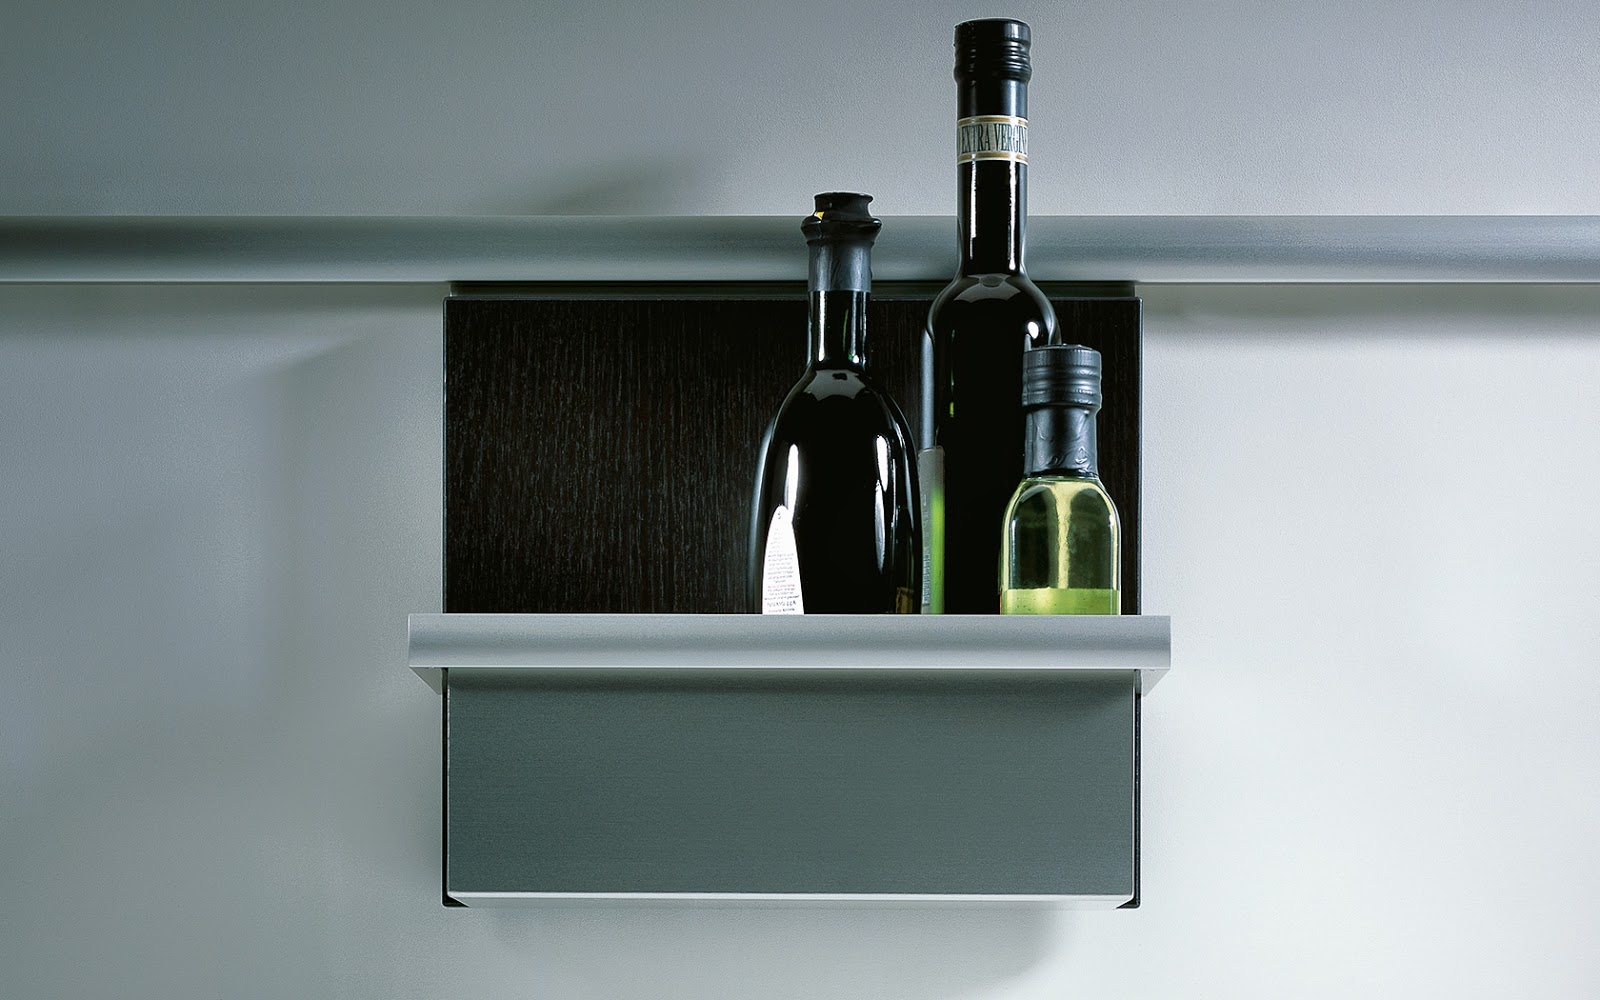 Accesorios de cocina para la pared para tener todo a mano